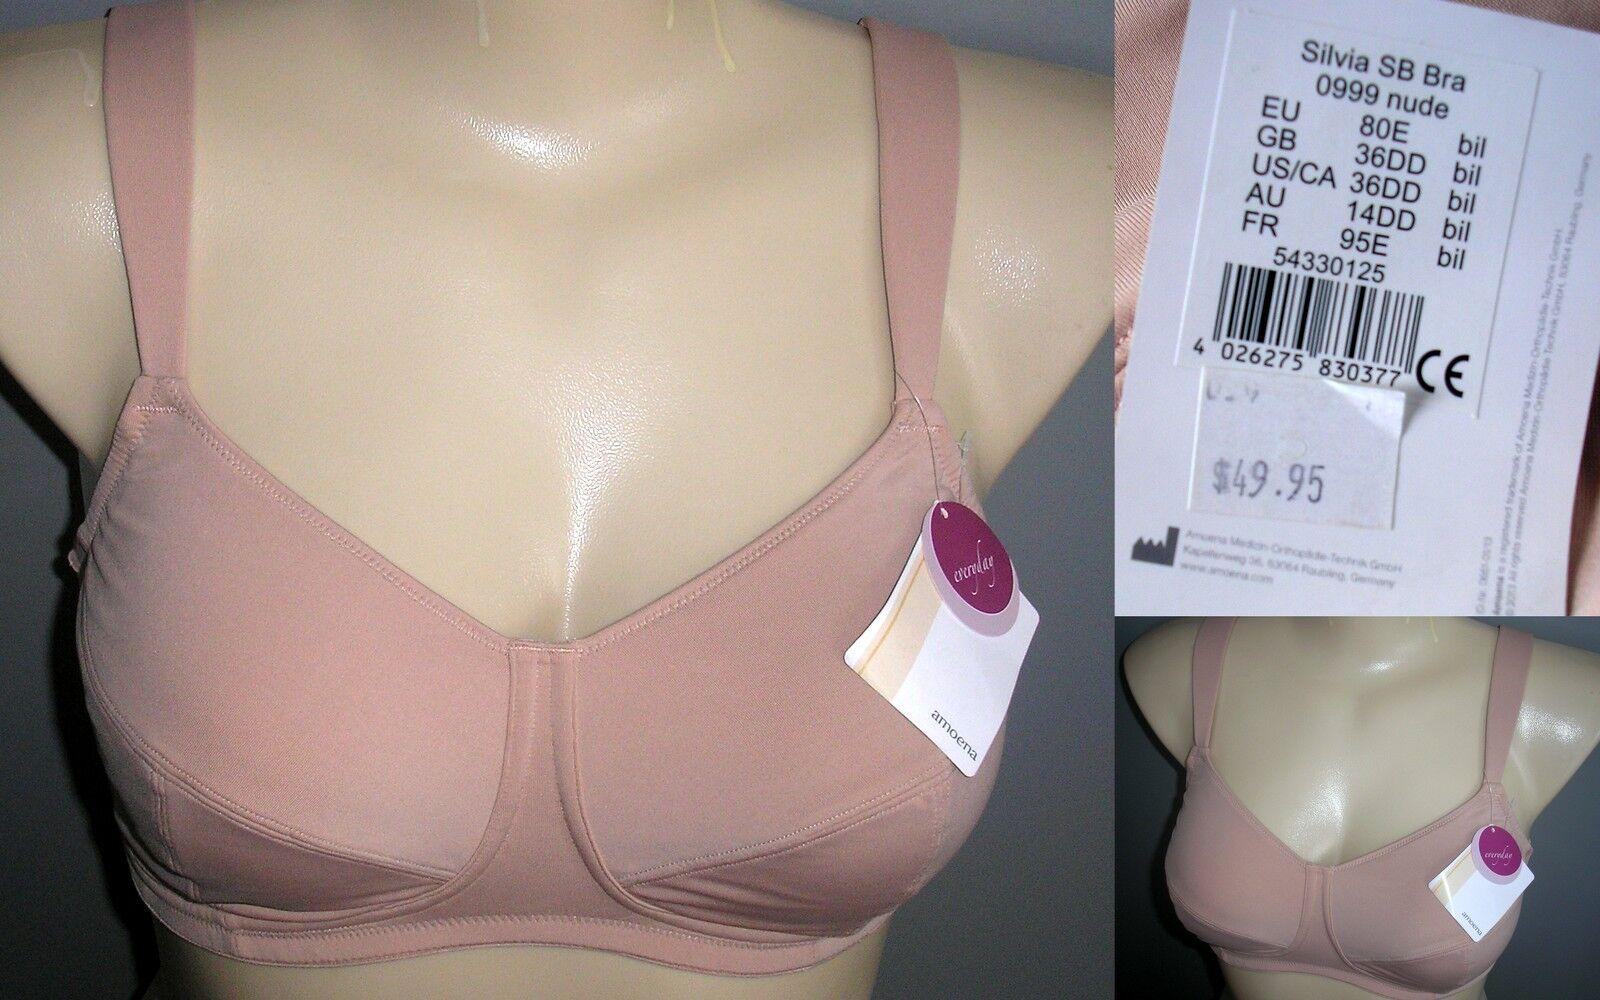 e9b70f06b51 Amoena Silvia Wirefree Bra - Nude 10b | eBay